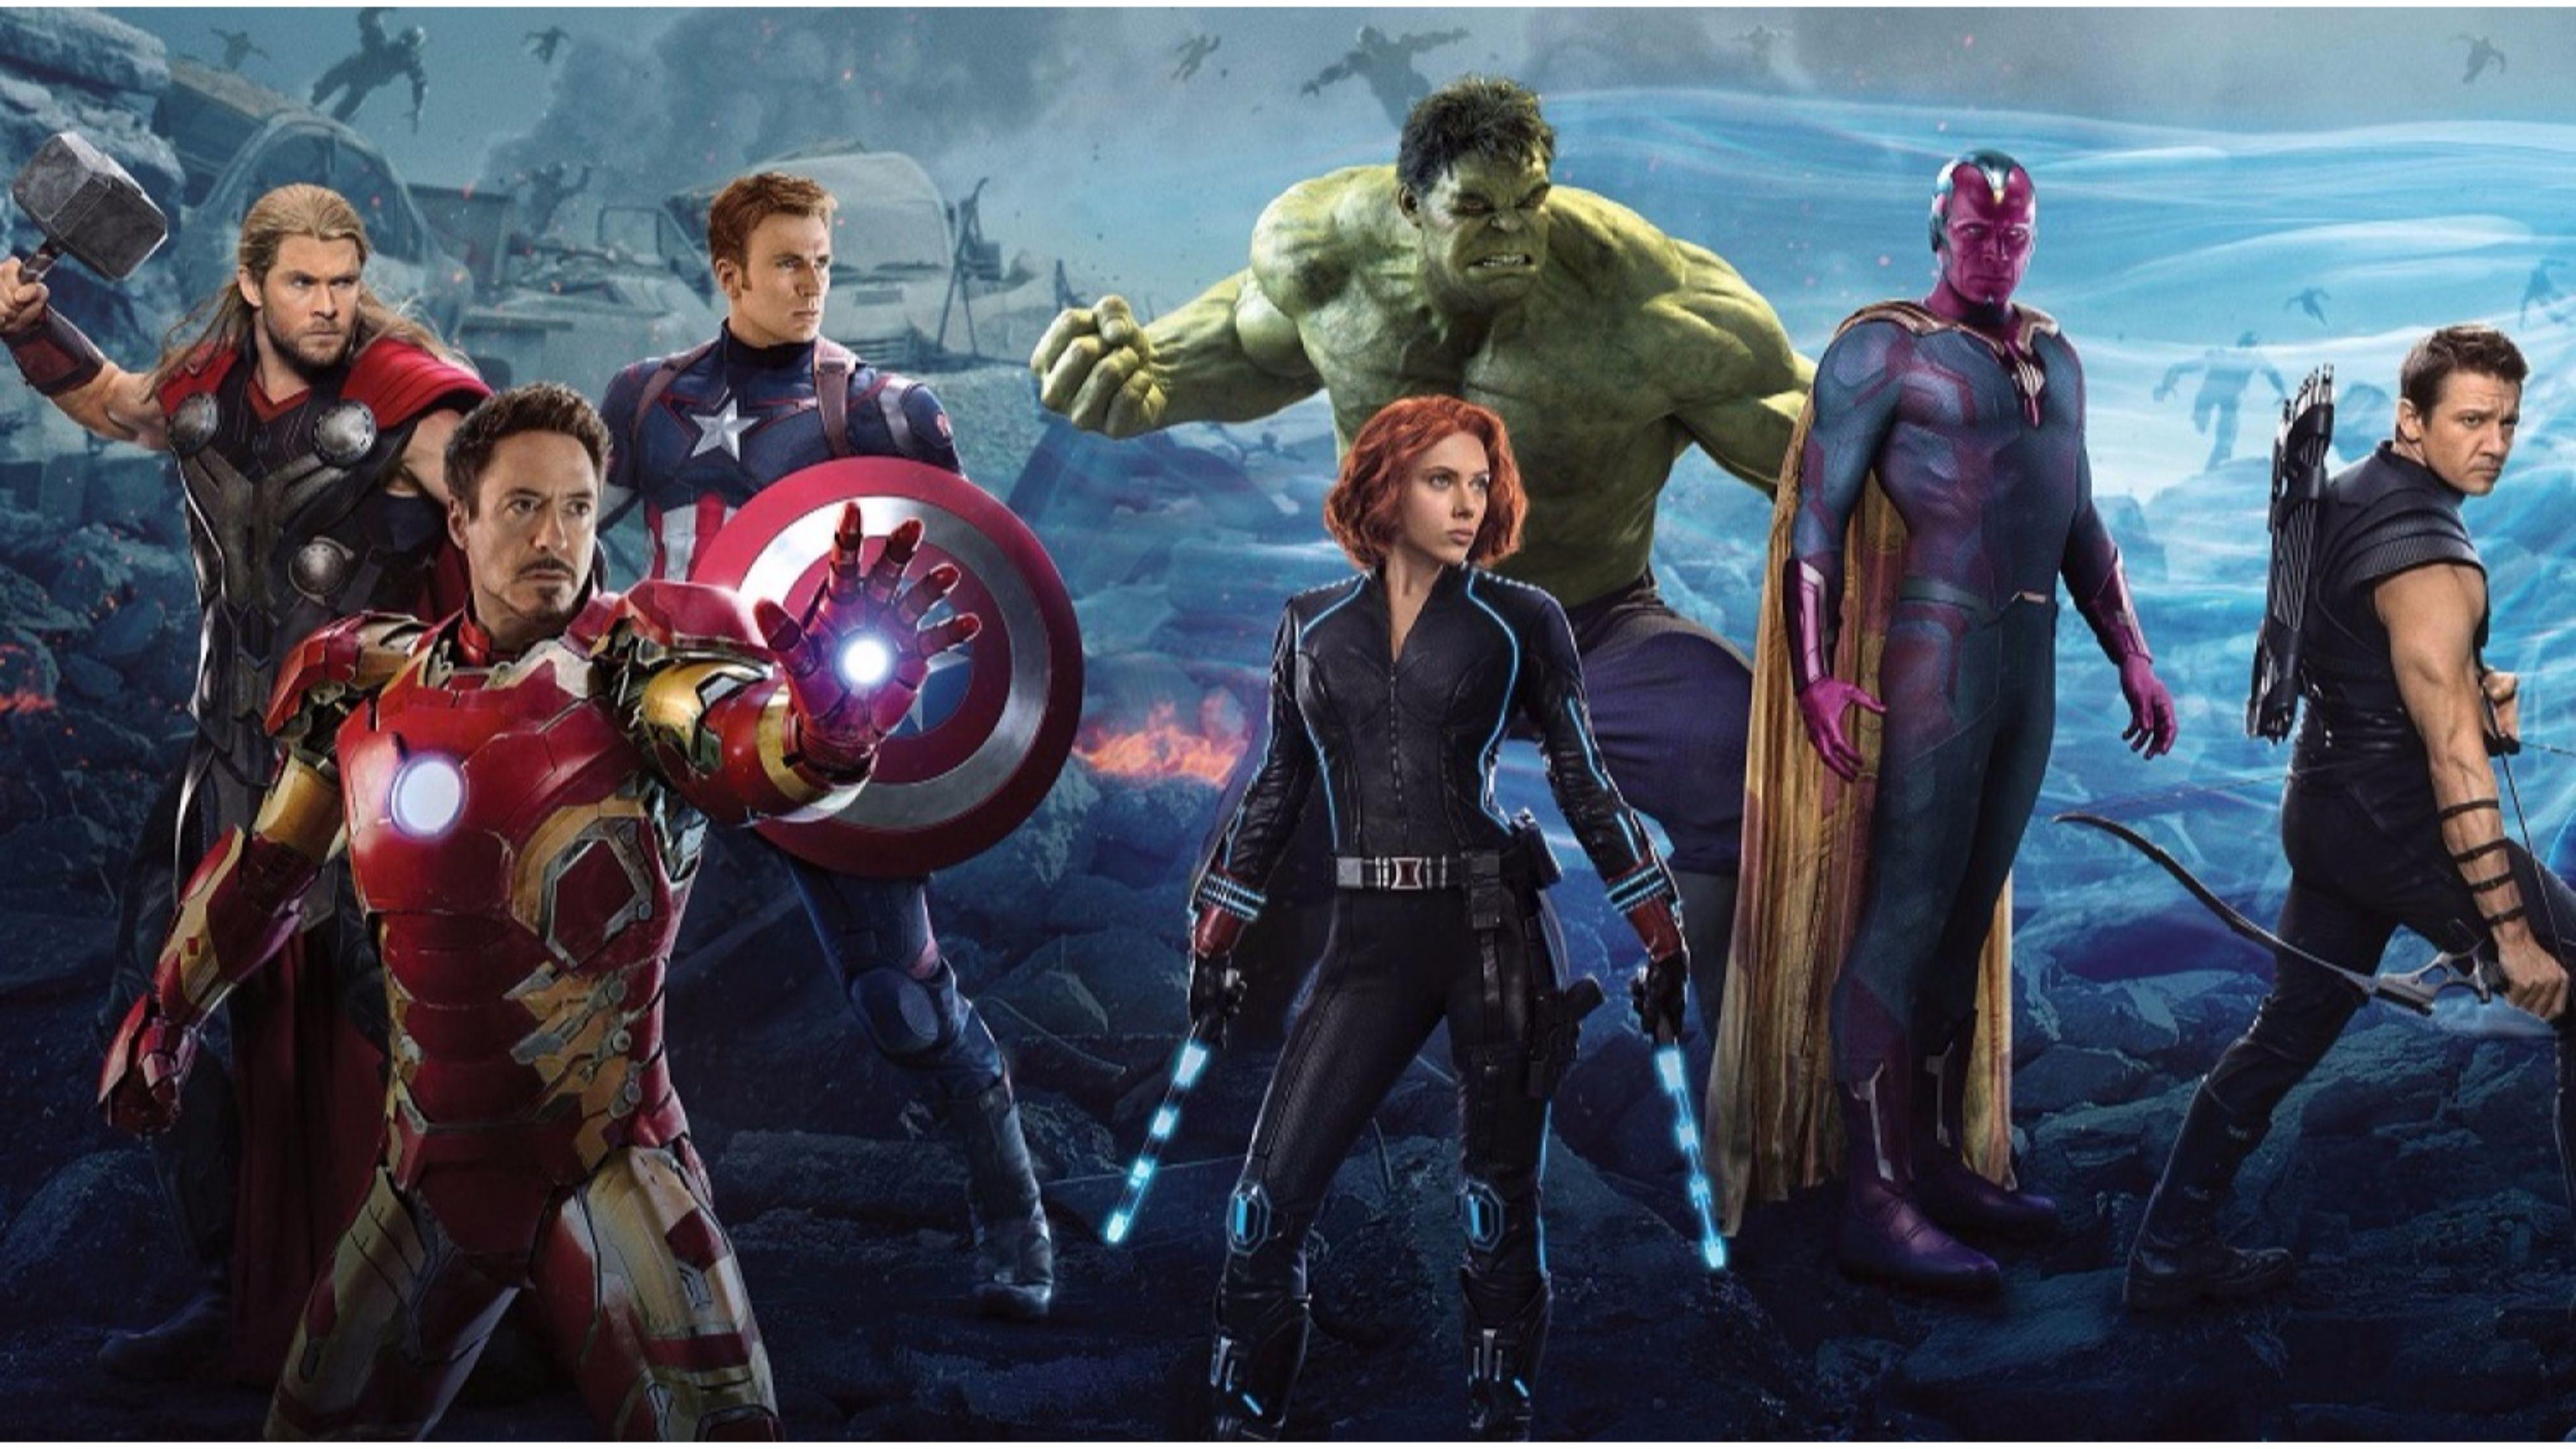 Avengers 4 Wallpapers: Avengers 4K Wallpaper (53+ Images